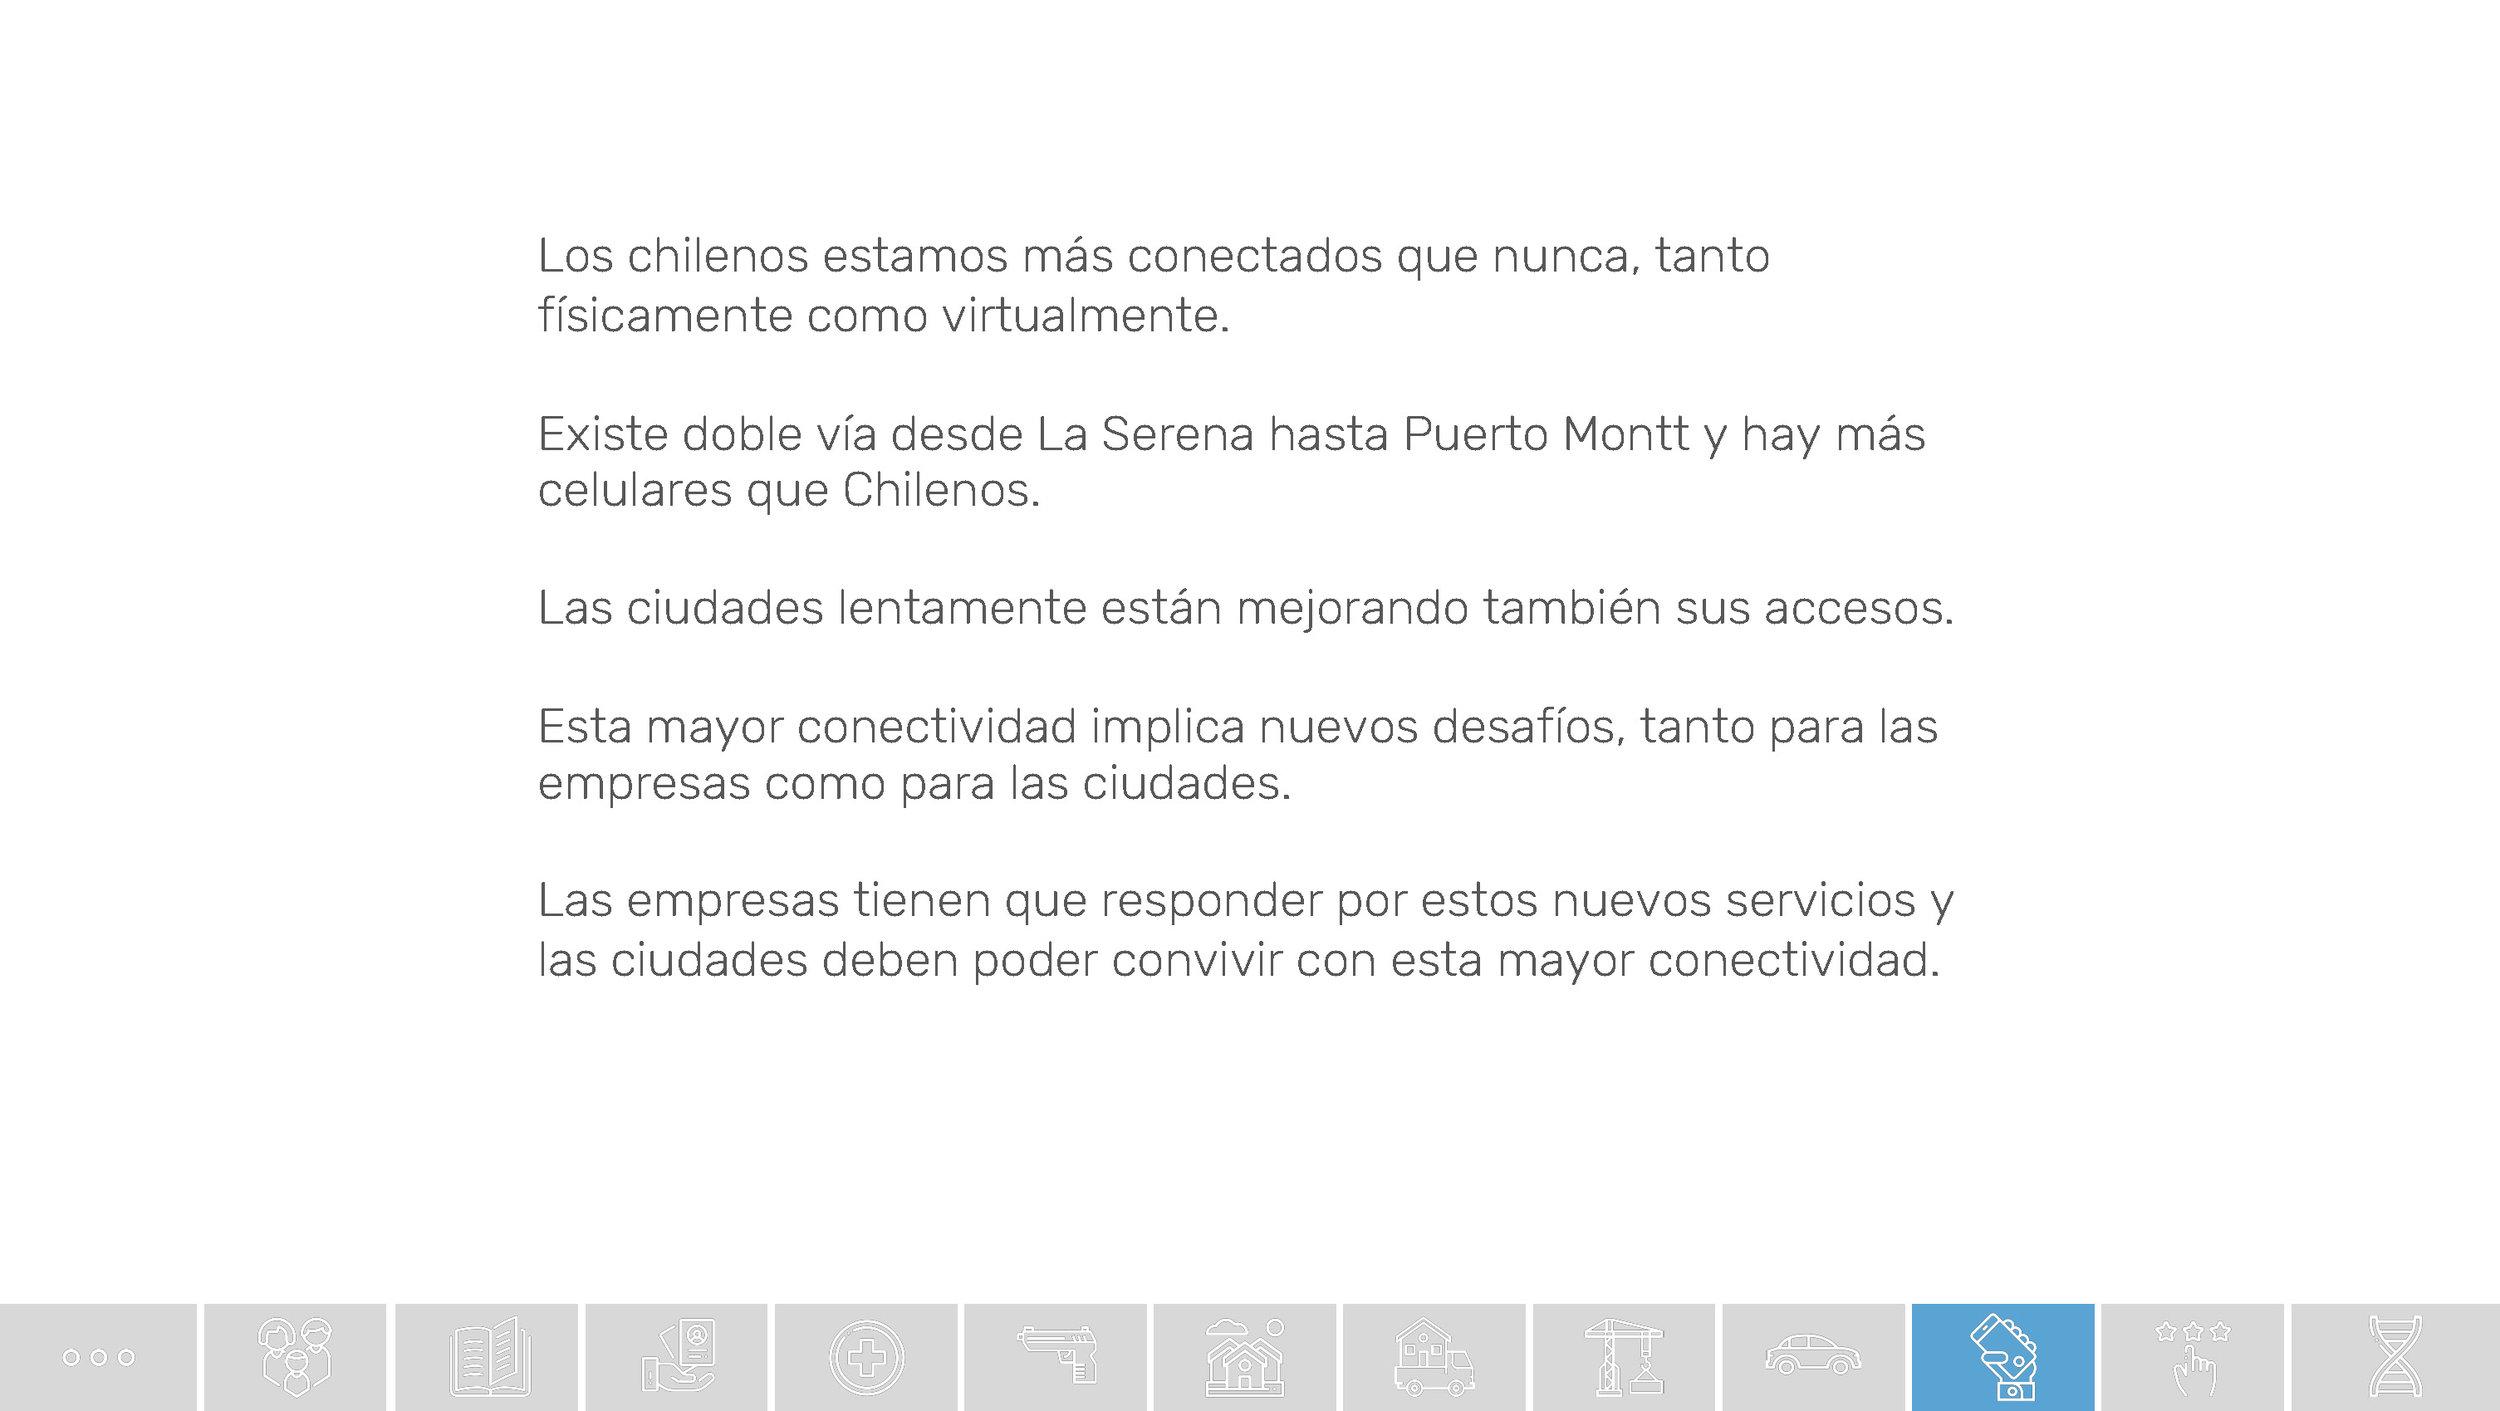 Chile_Datos de una transformacion social_Unholster_Página_72.jpg